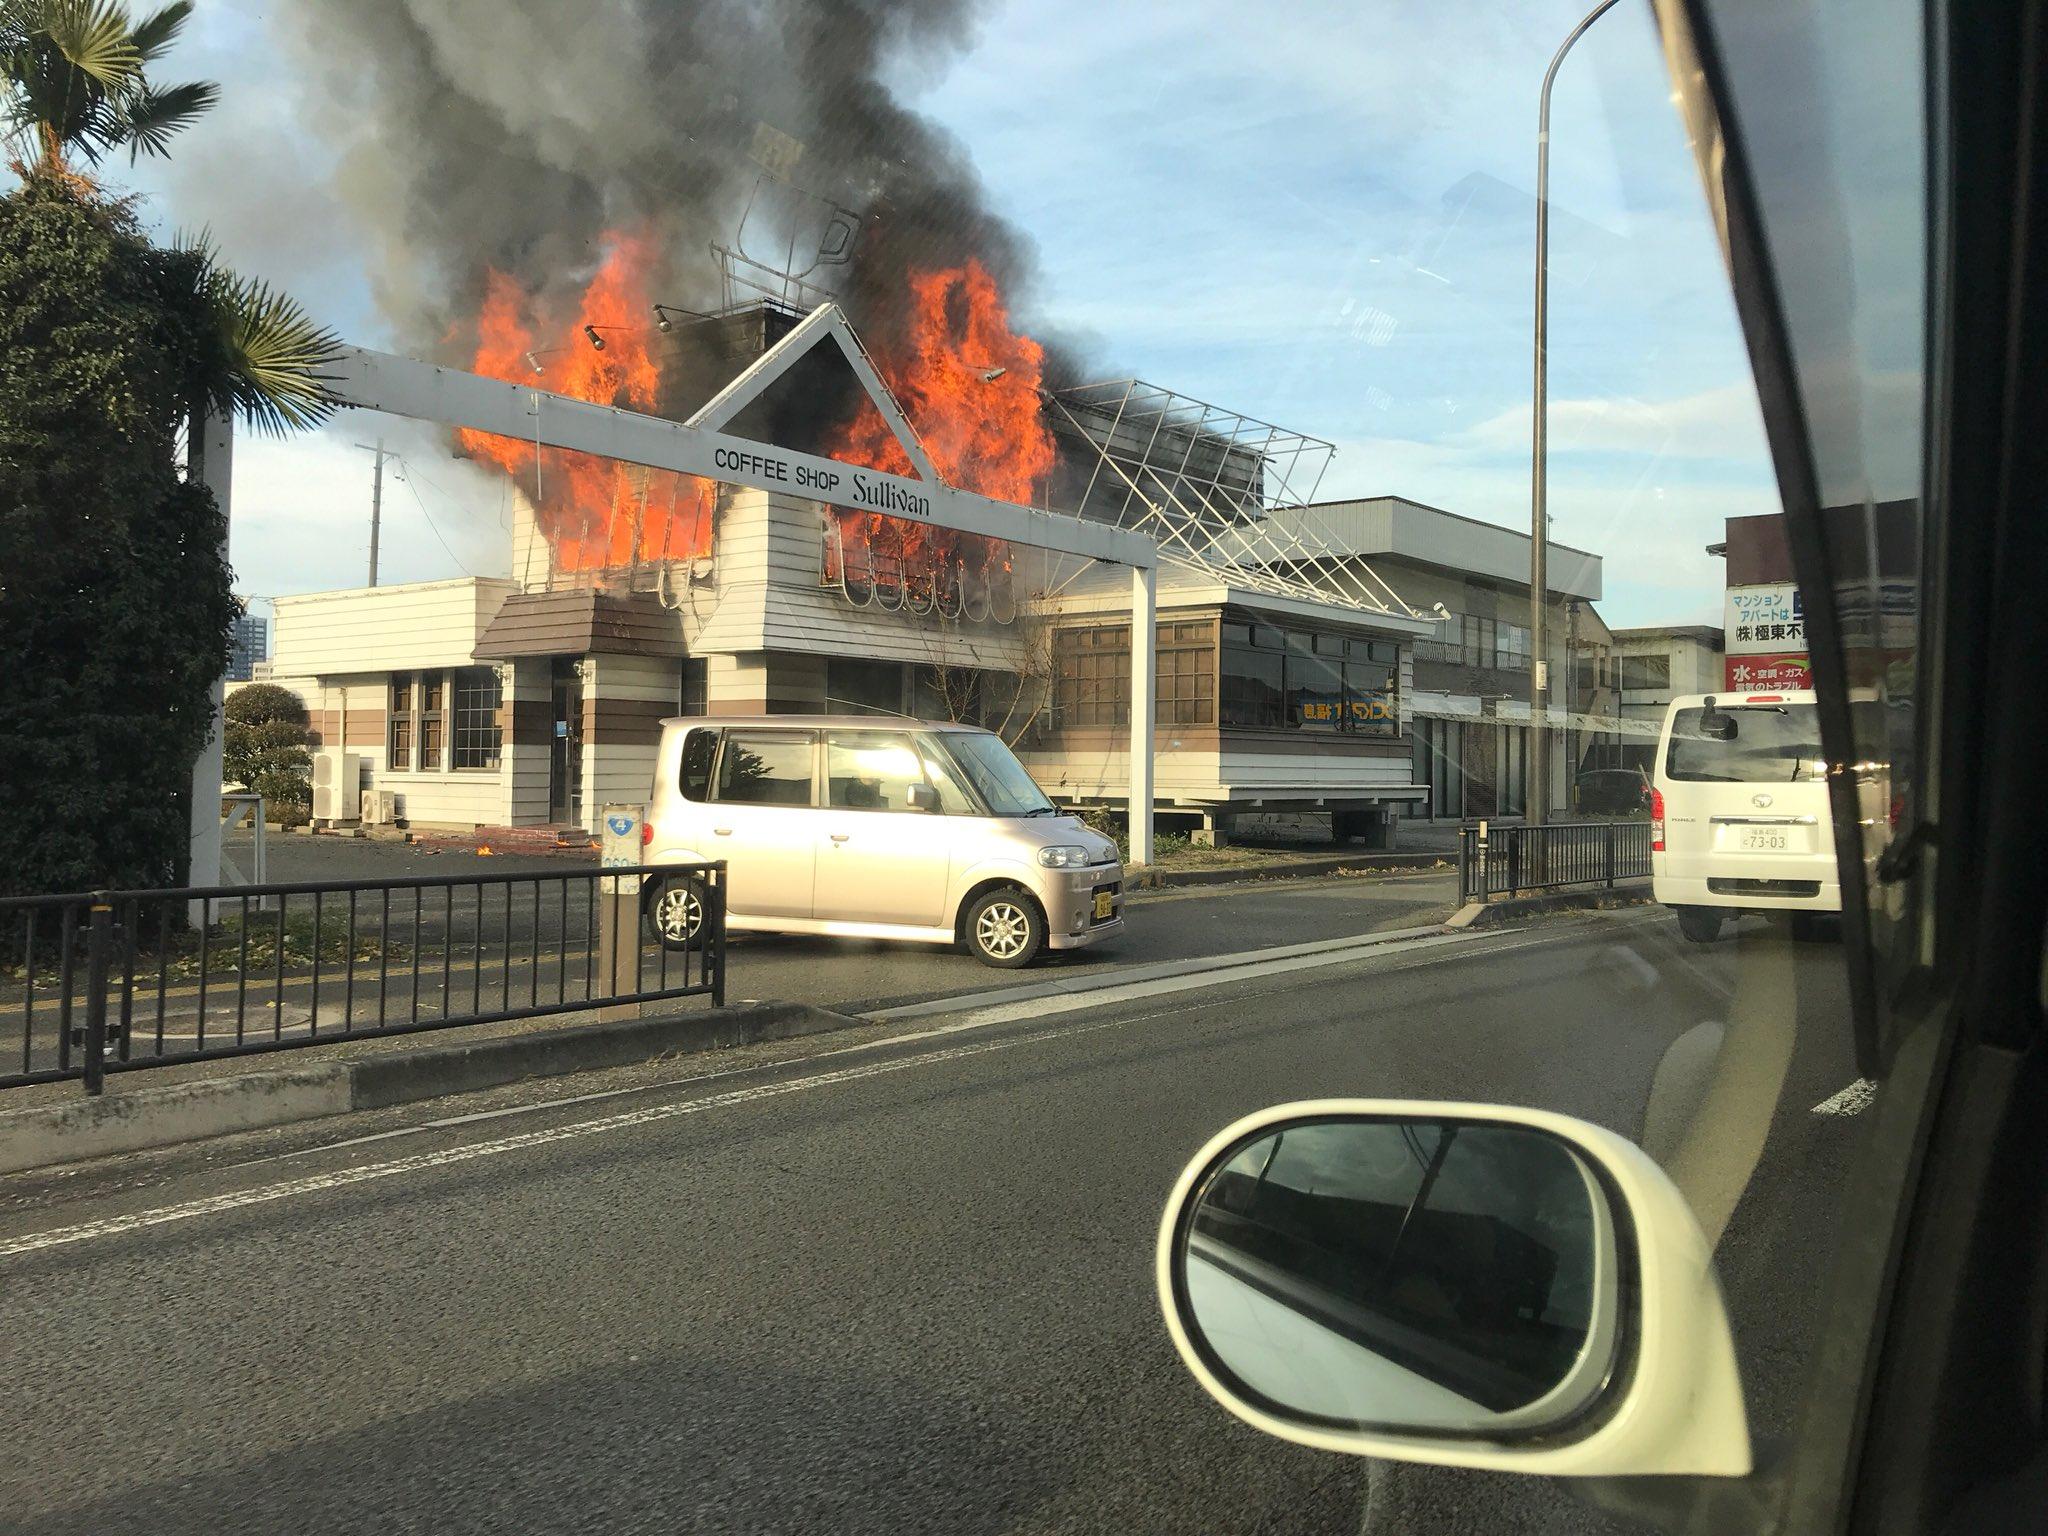 福島市の喫茶店サリバンが炎上している火災現場の画像